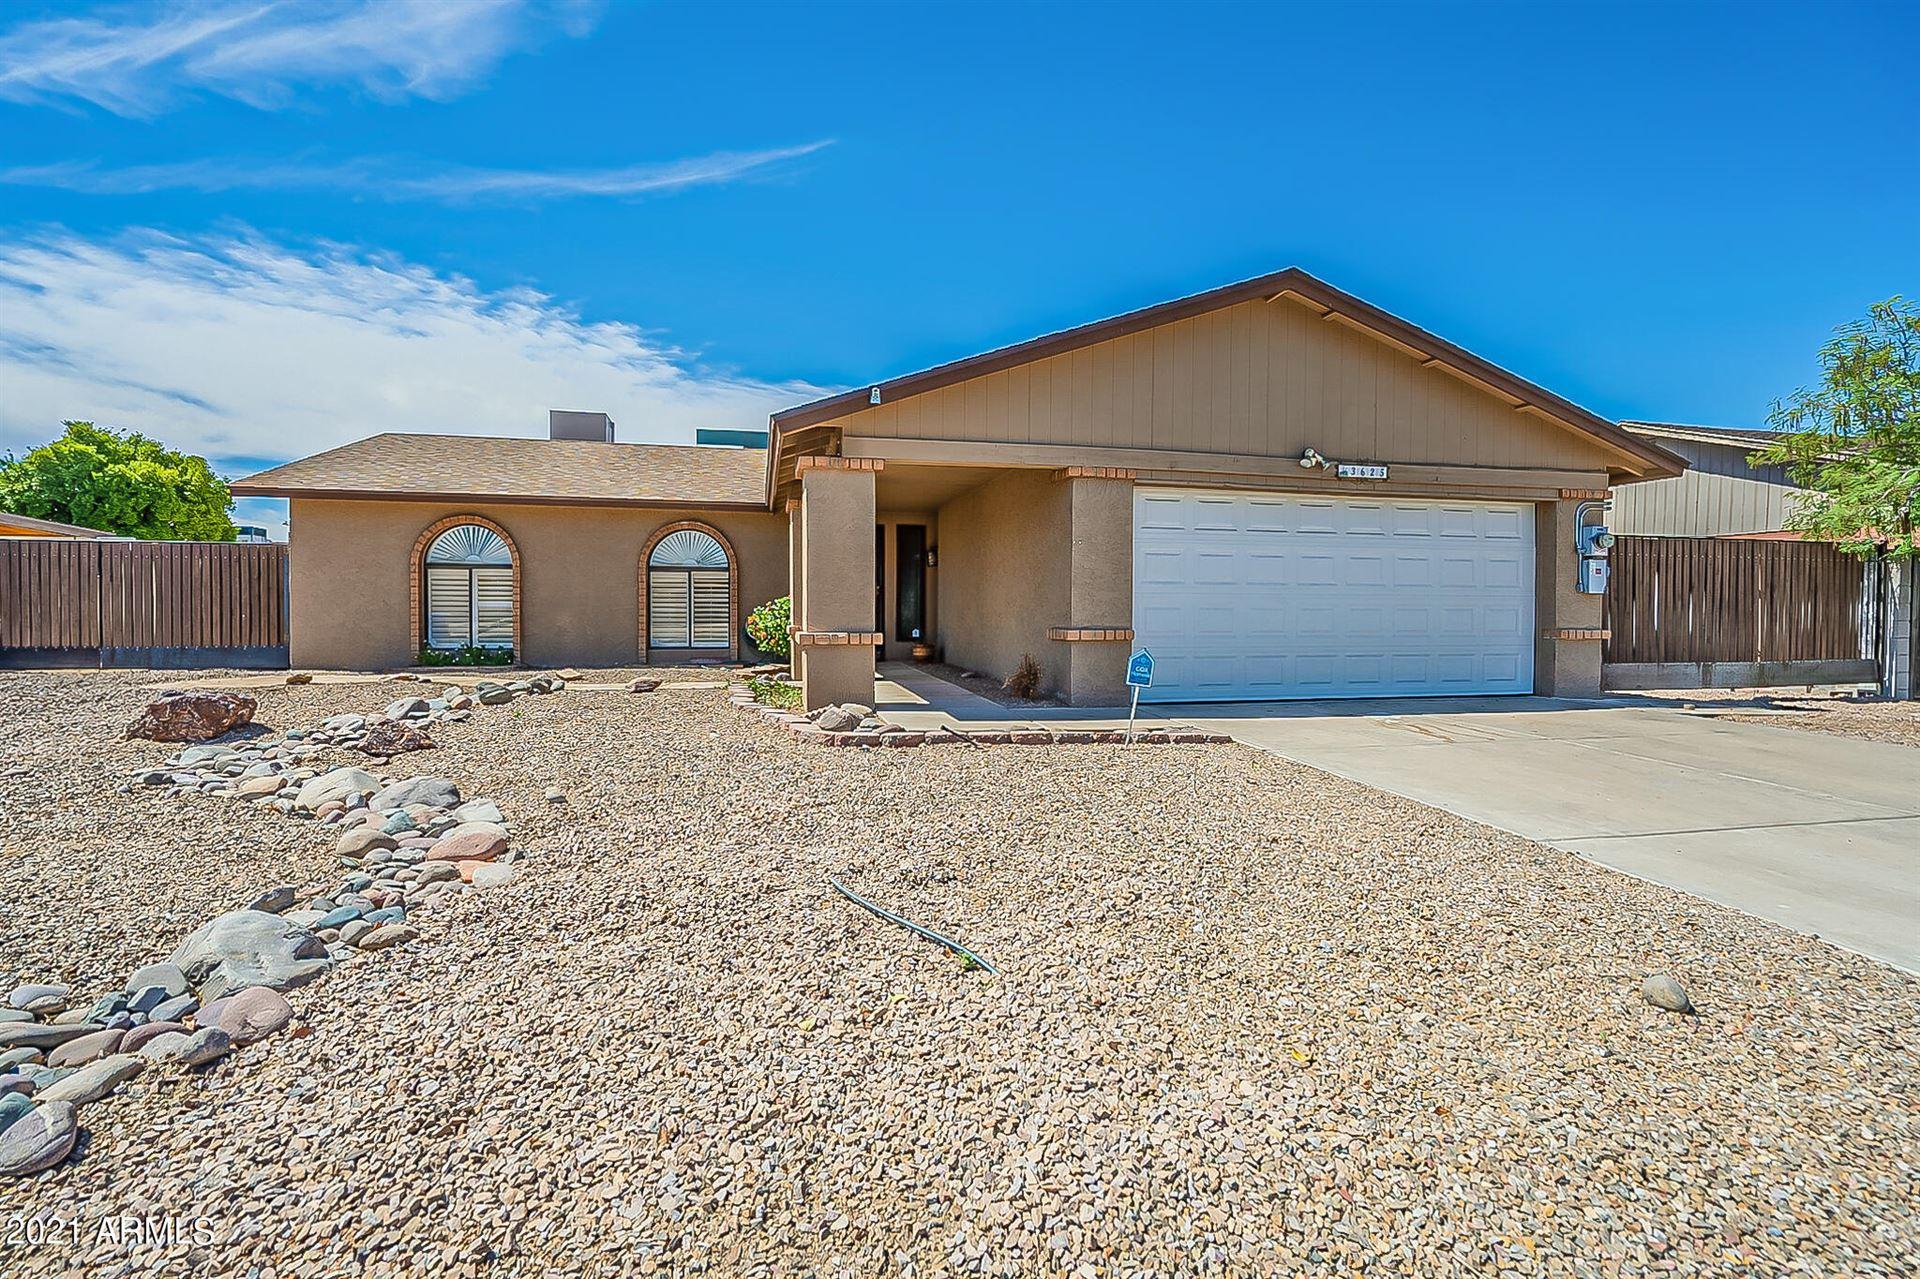 3625 W JOAN DE ARC Avenue, Phoenix, AZ 85029 - MLS#: 6249504